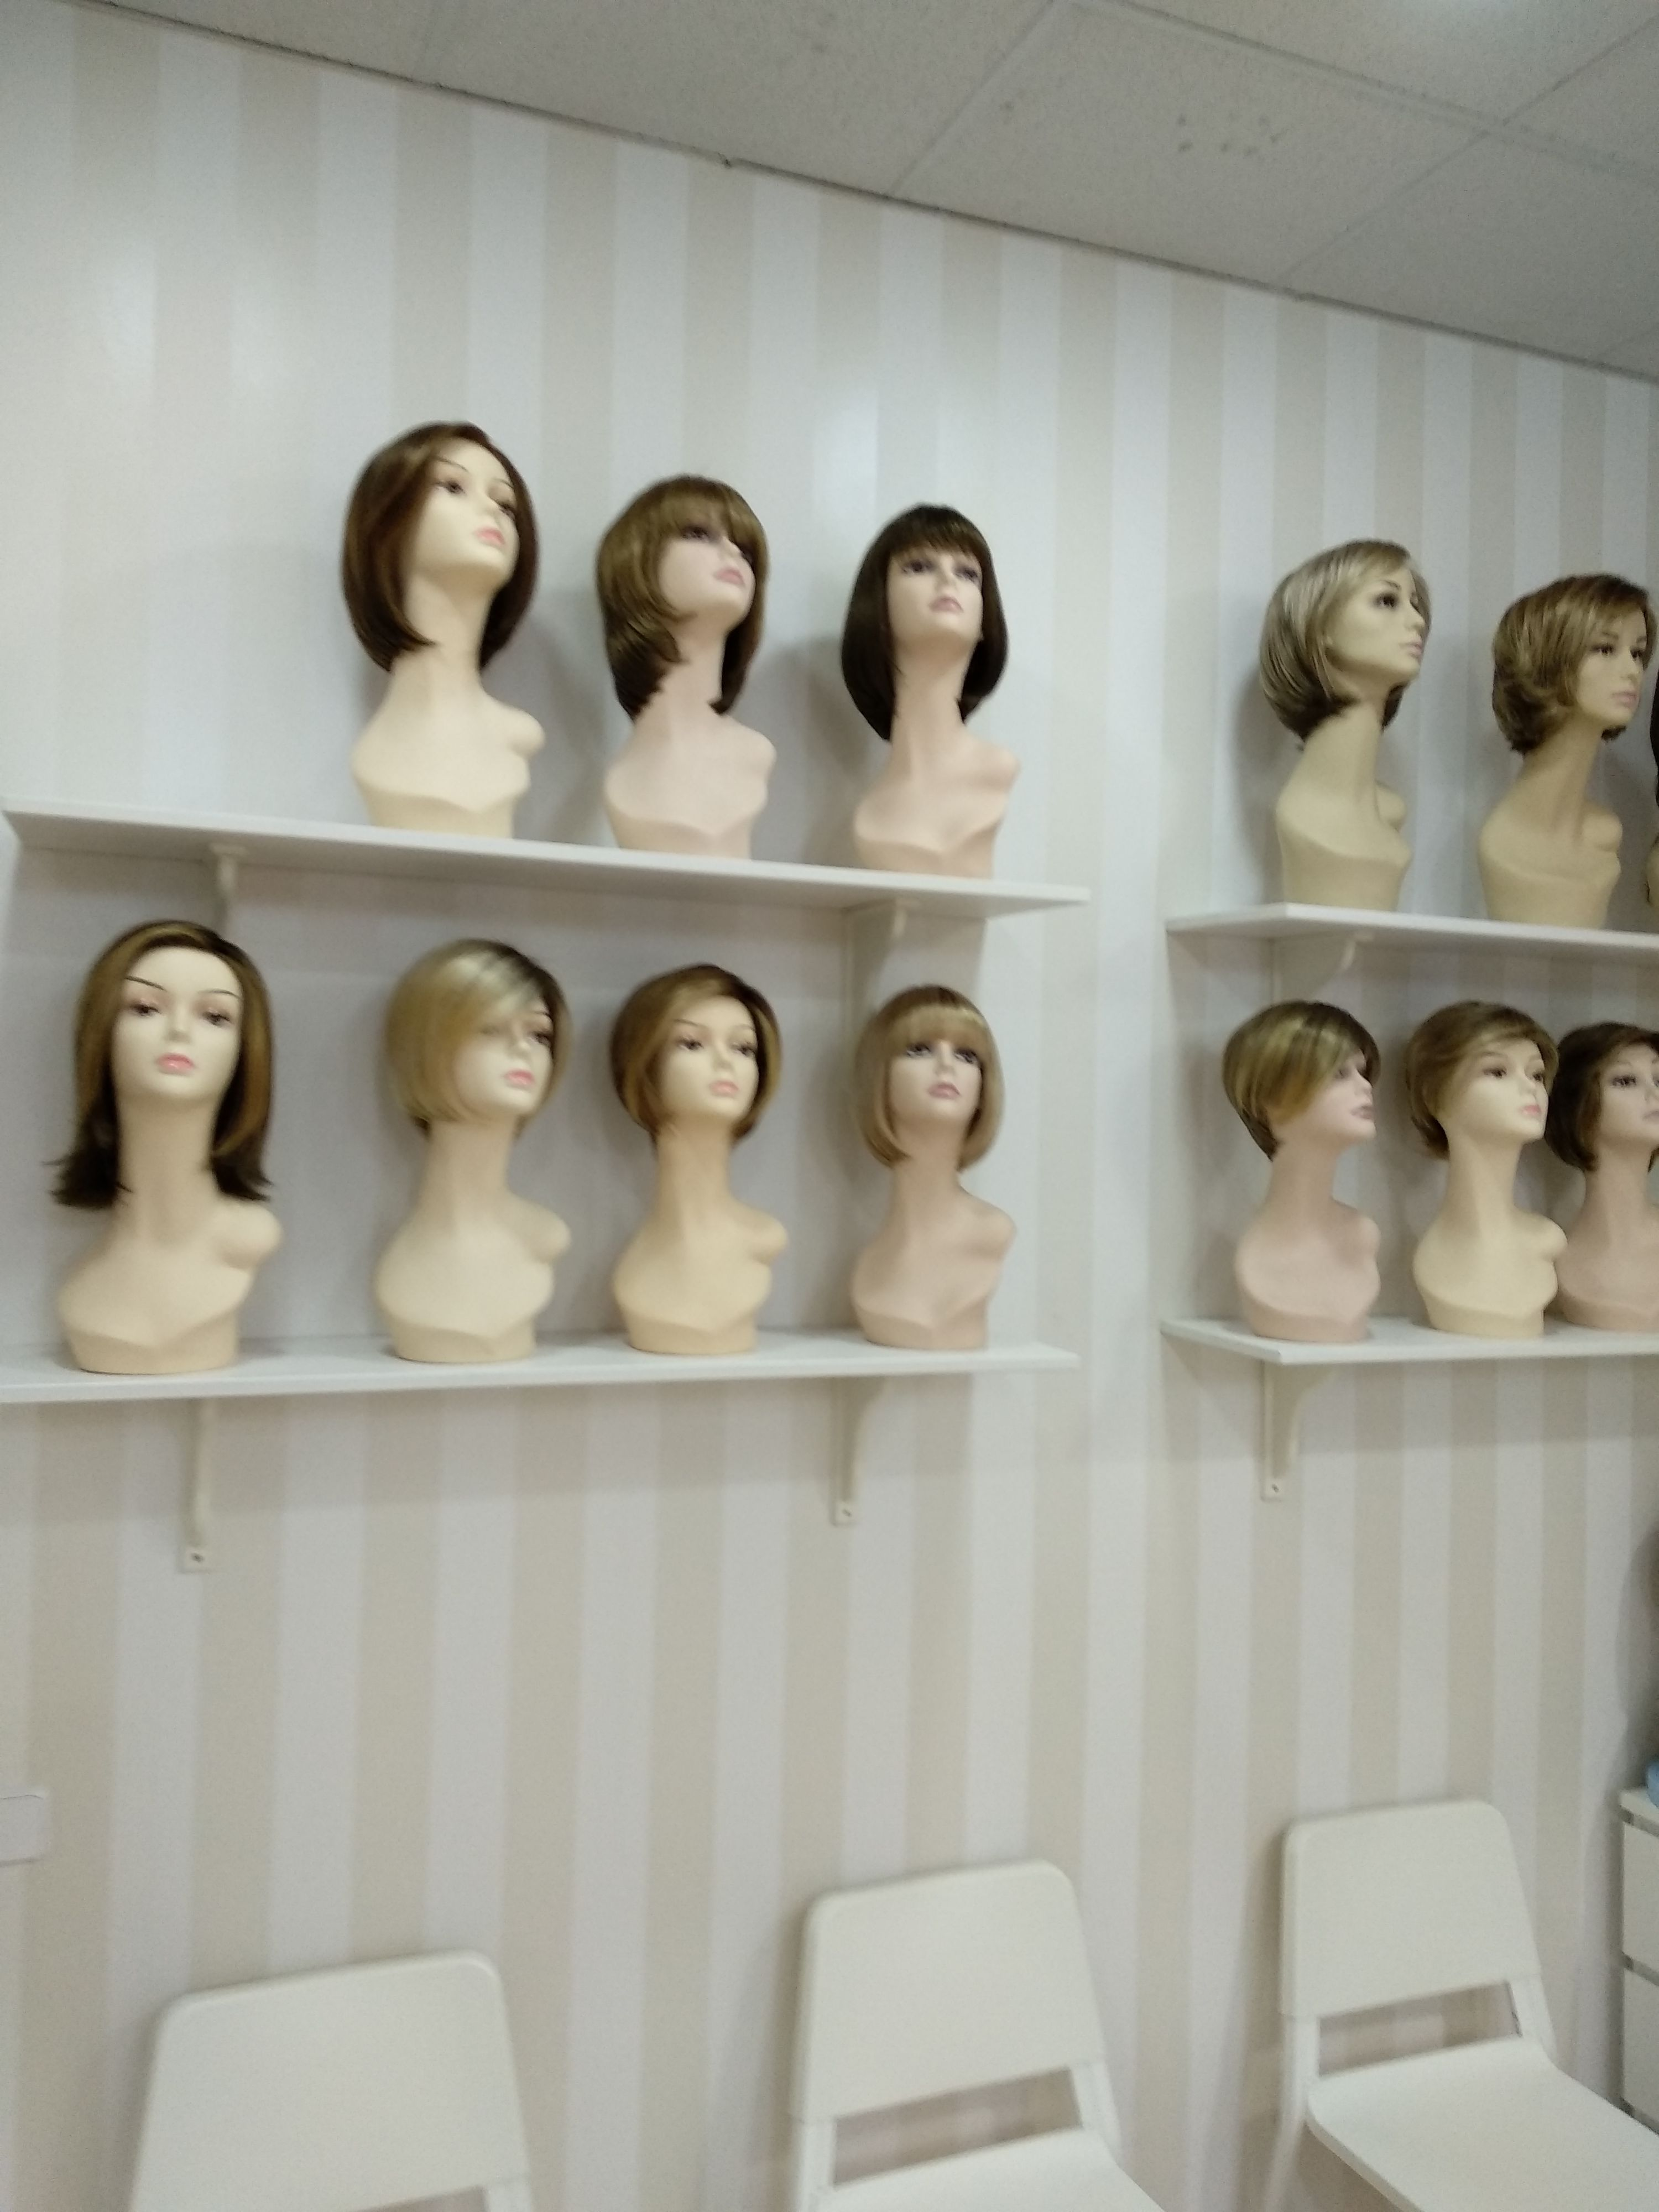 Foto 6 de Pelucas y extensiones en Alcalá de Henares | SensiBelle Beauty Hair